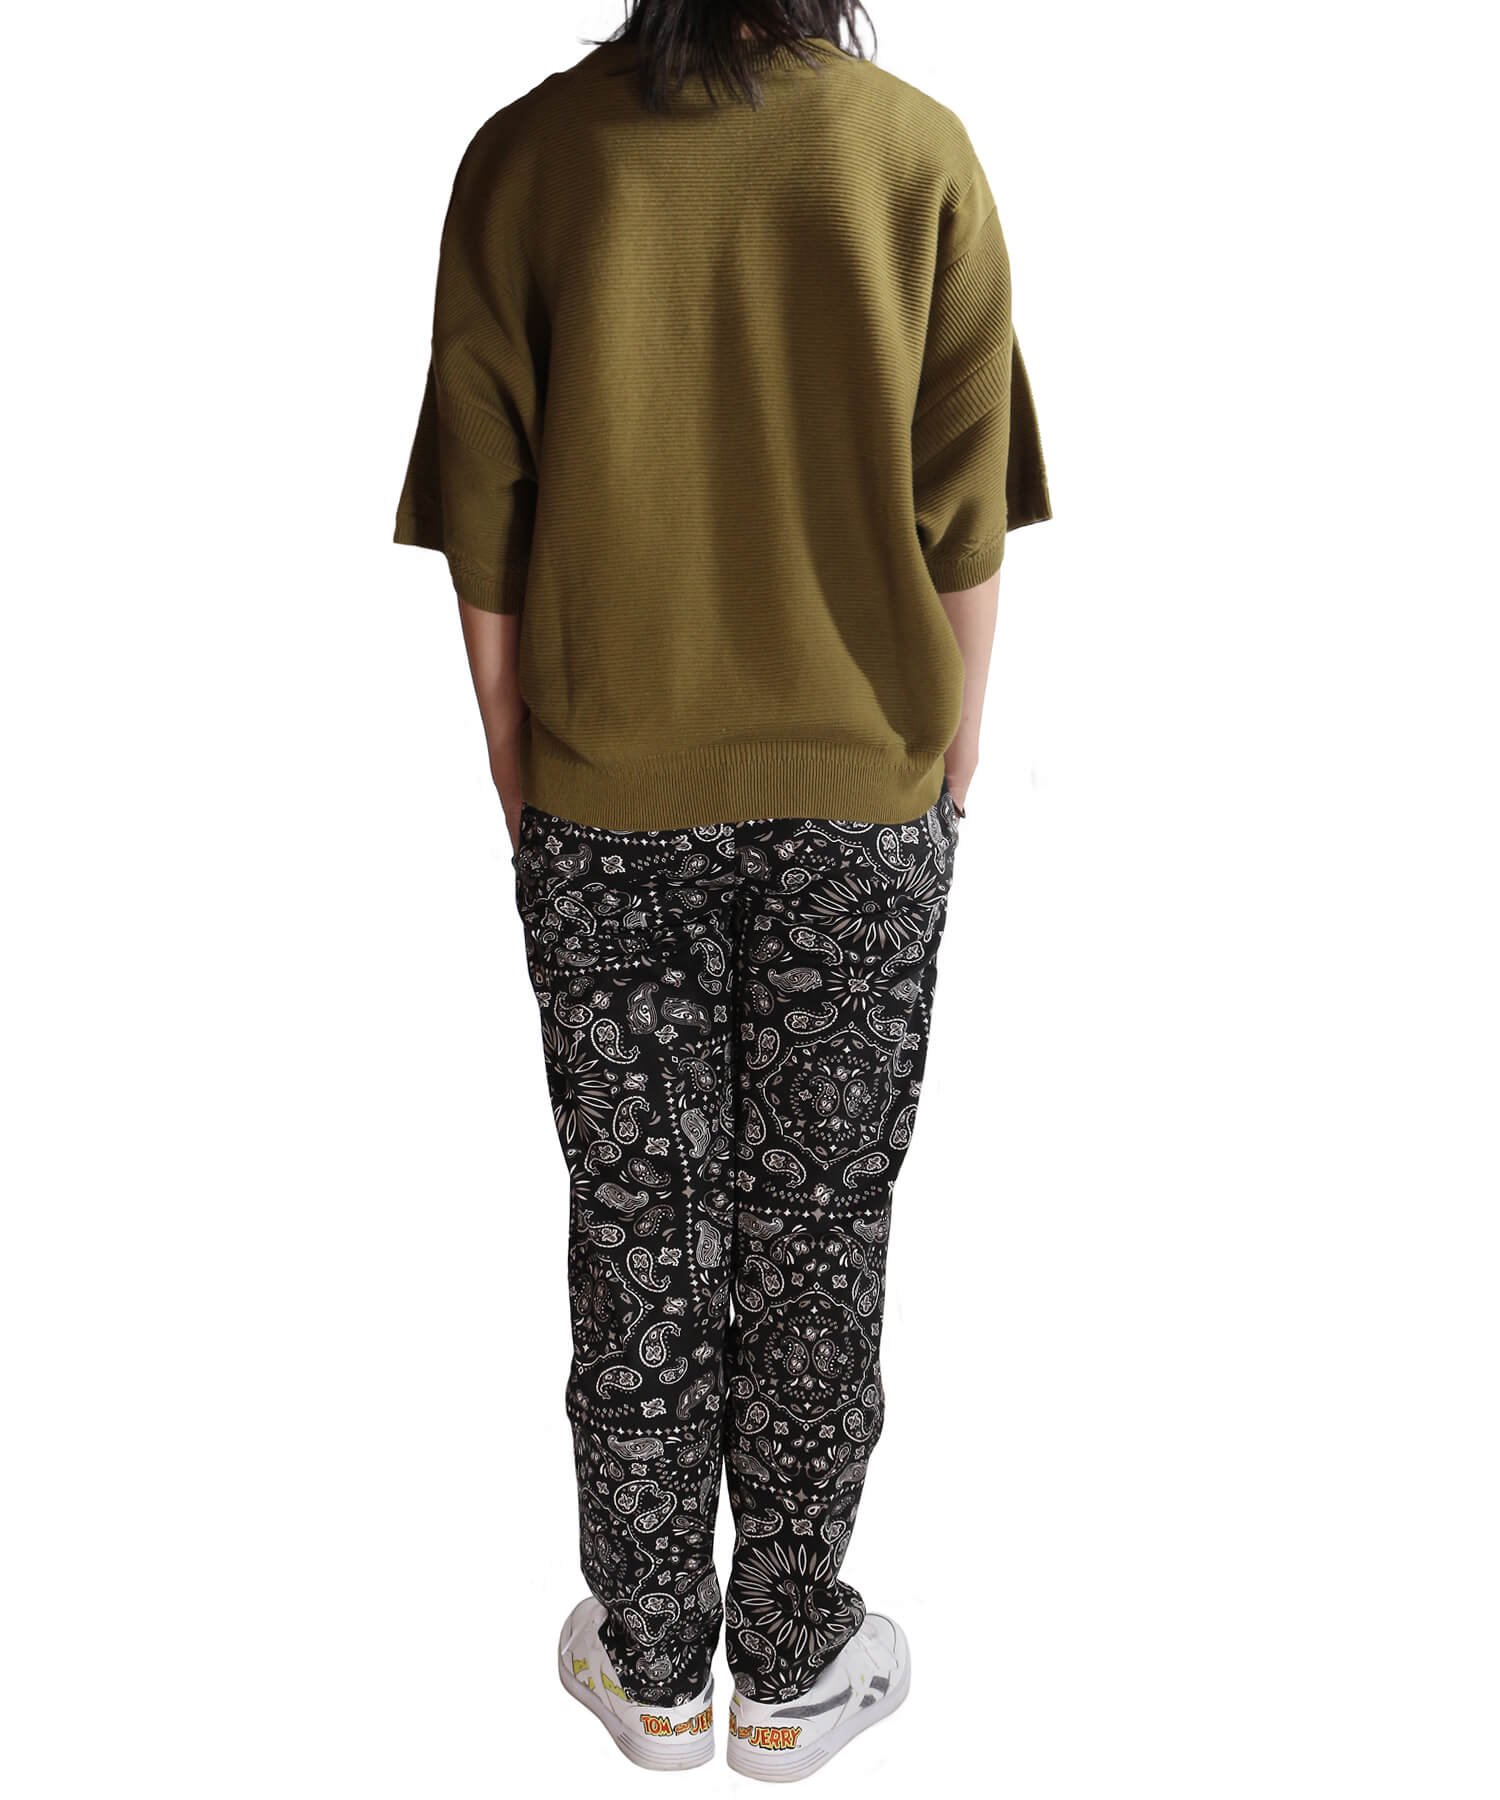 COOKMAN / クックマン   WAITER'S PANTS (PAISLEY BLACK):ウェイターズパンツ 商品画像16